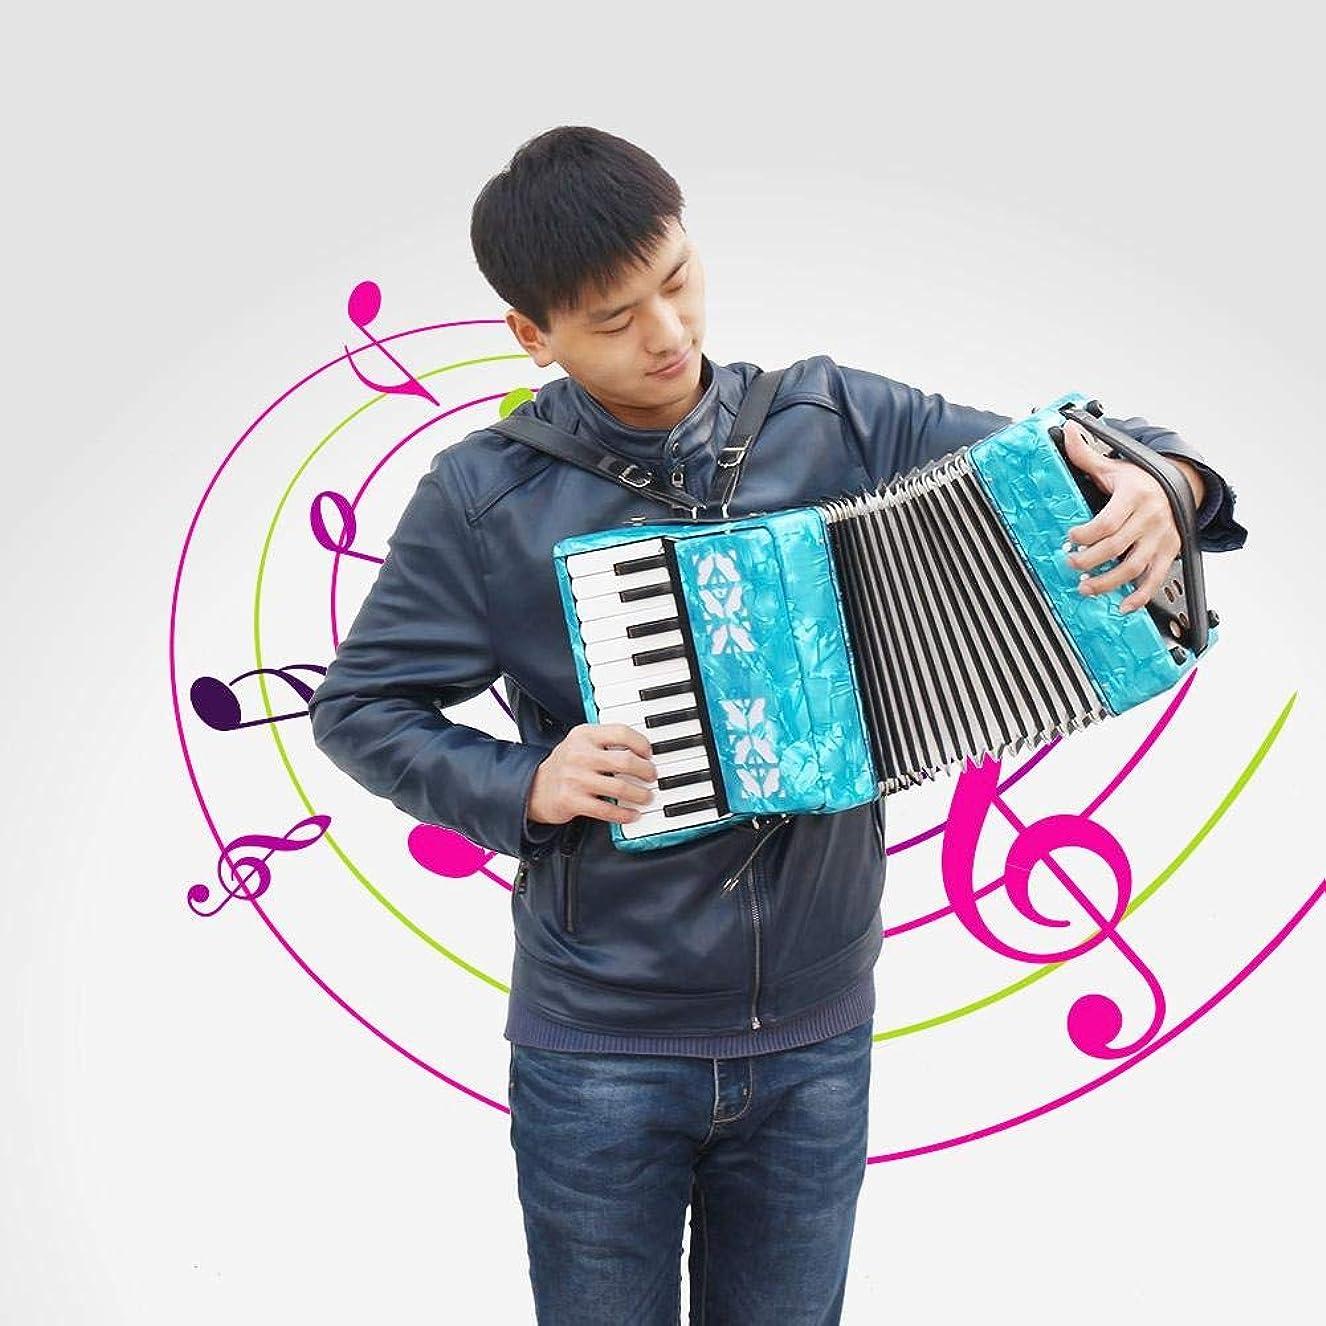 グリースホステル入力ピアノアコーディオン、初心者向けの22キー8ベースピアノアコーディオン楽器(青)